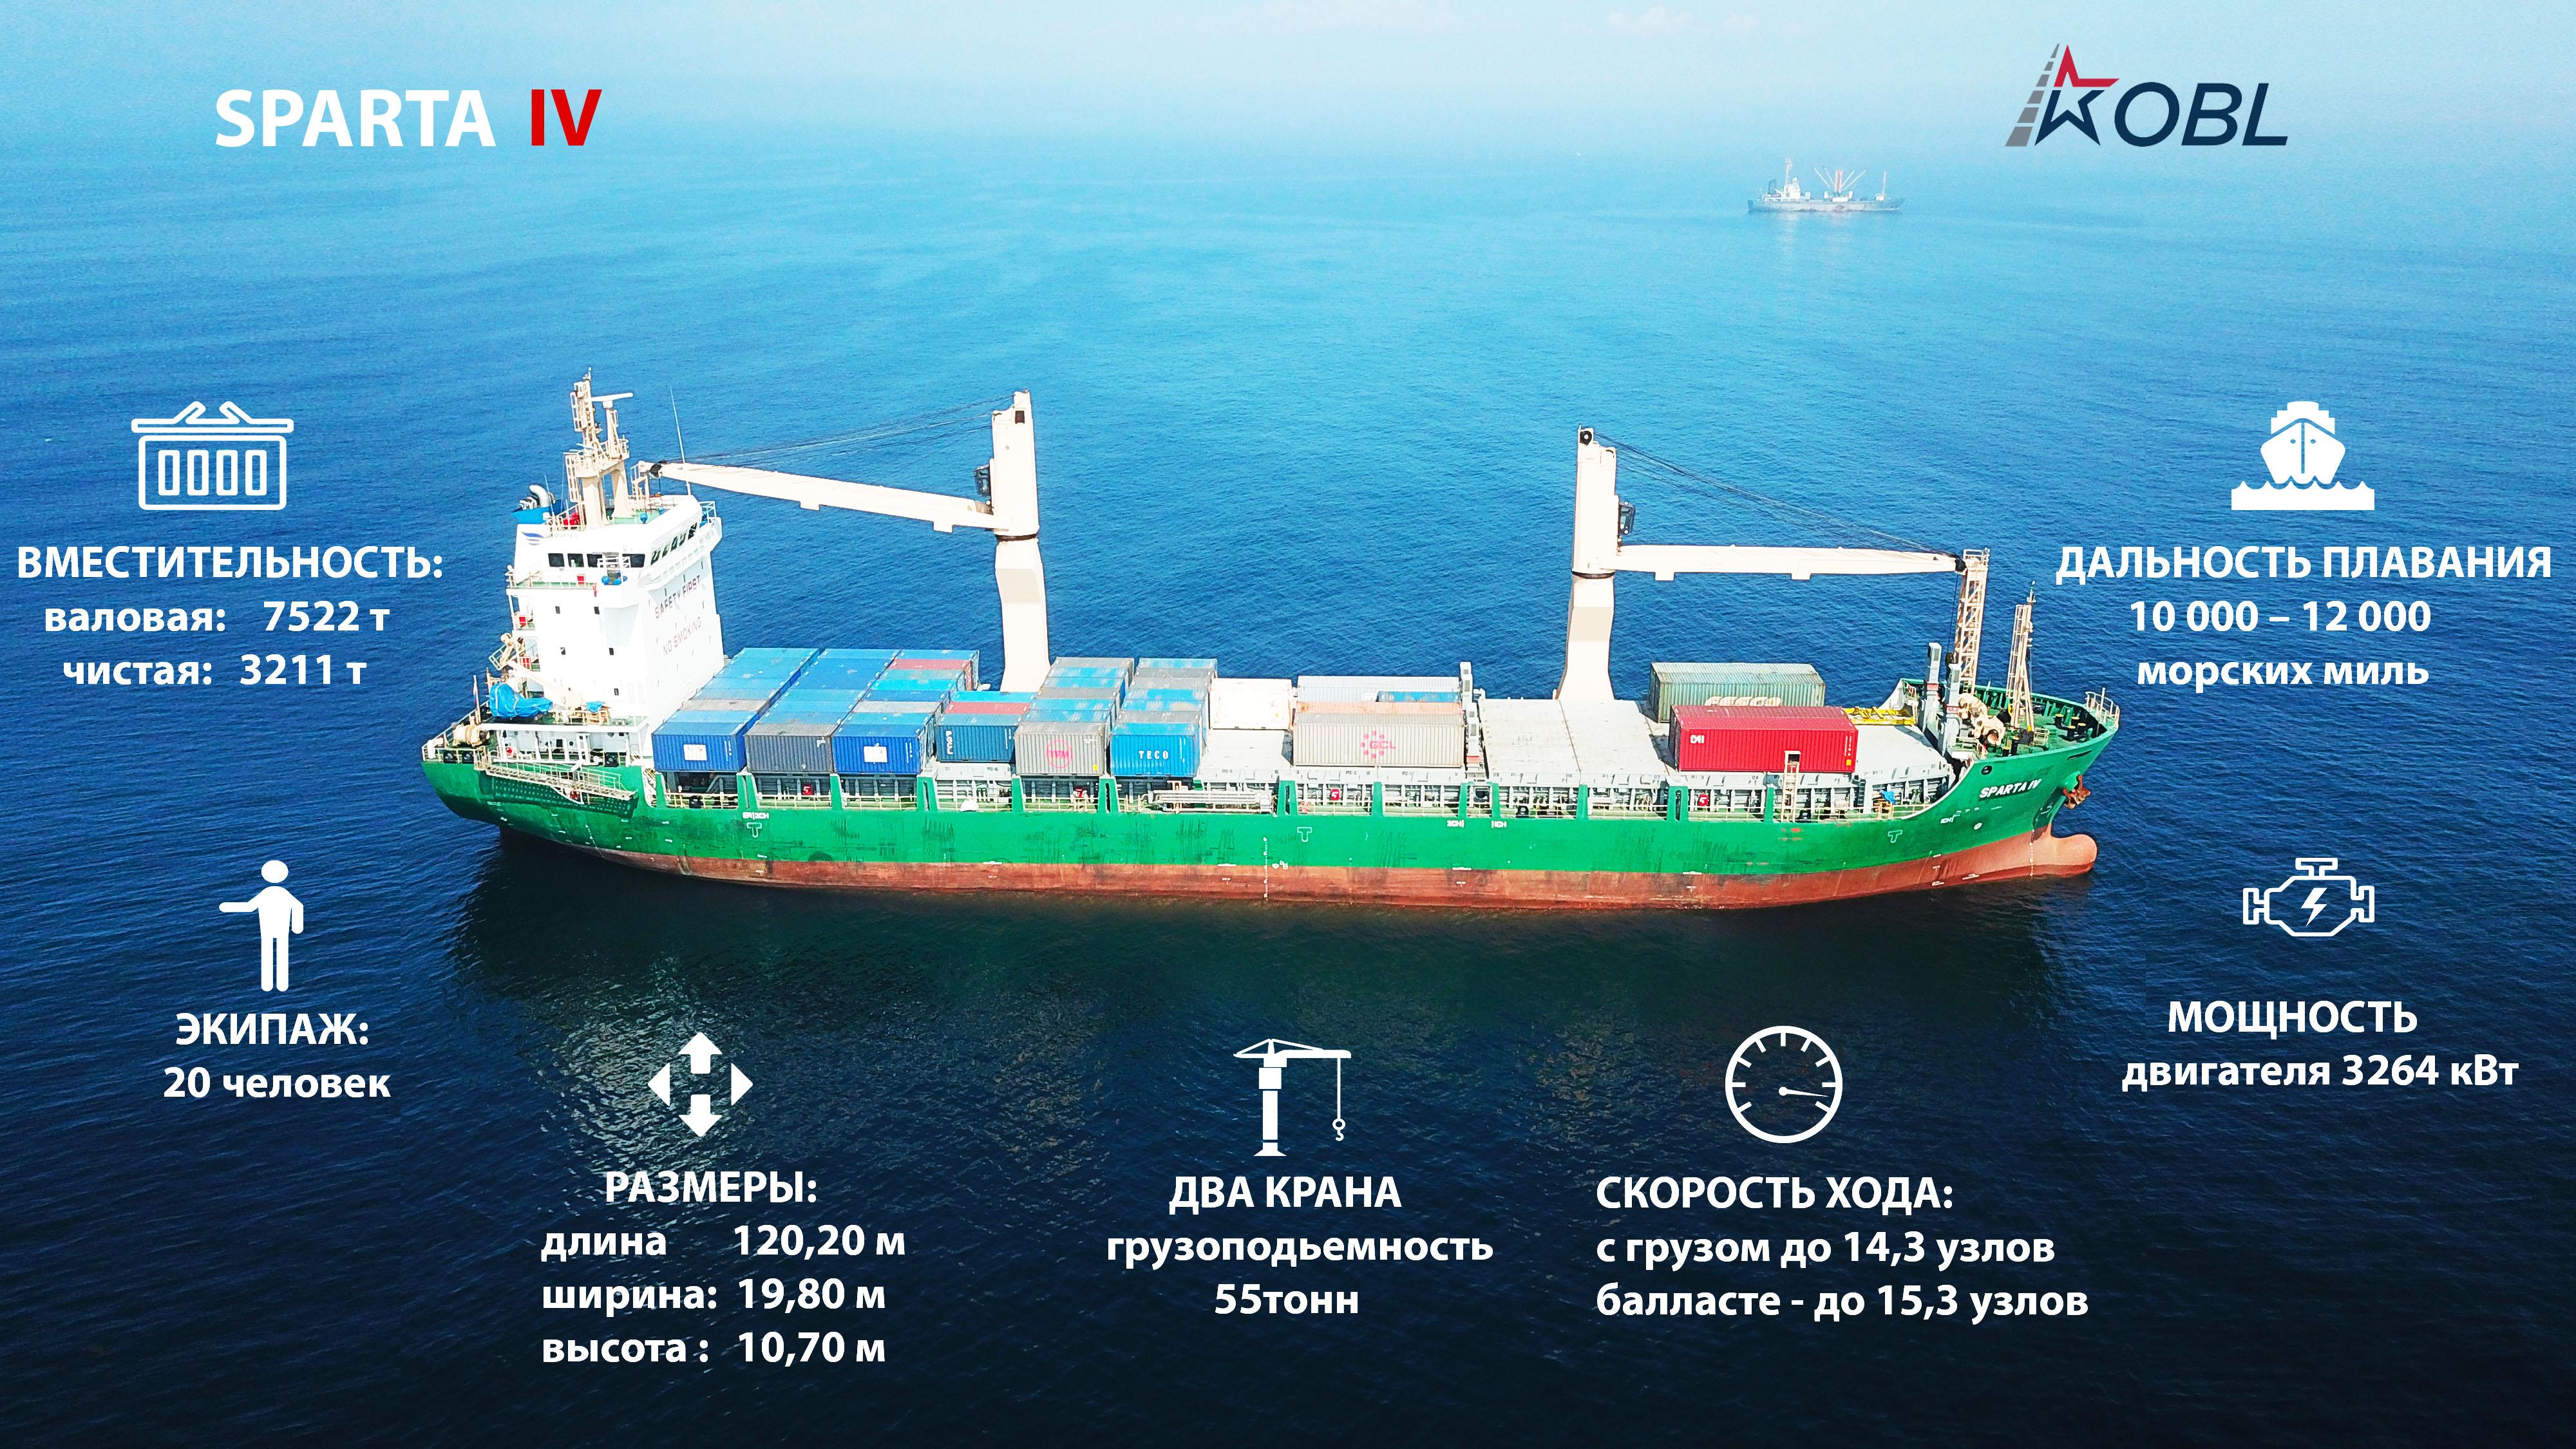 Инфографика для журнала о новом корабле компании фото f_2395b6a07f3c0236.jpg